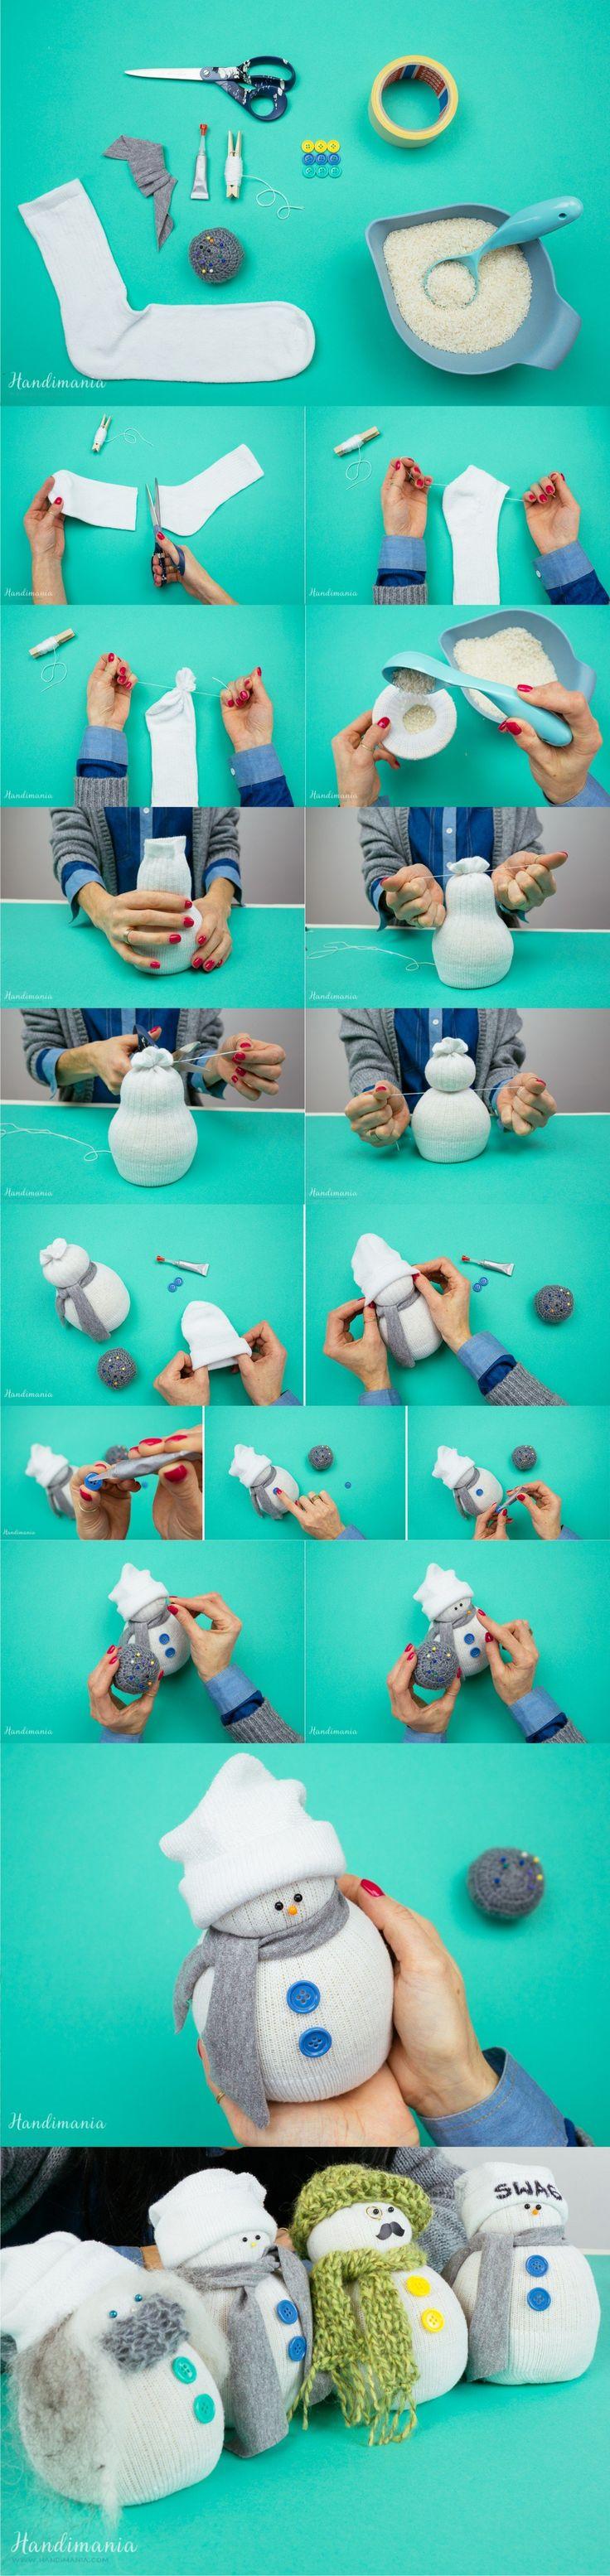 Muñeco de navidad con calcetín – handimania.com